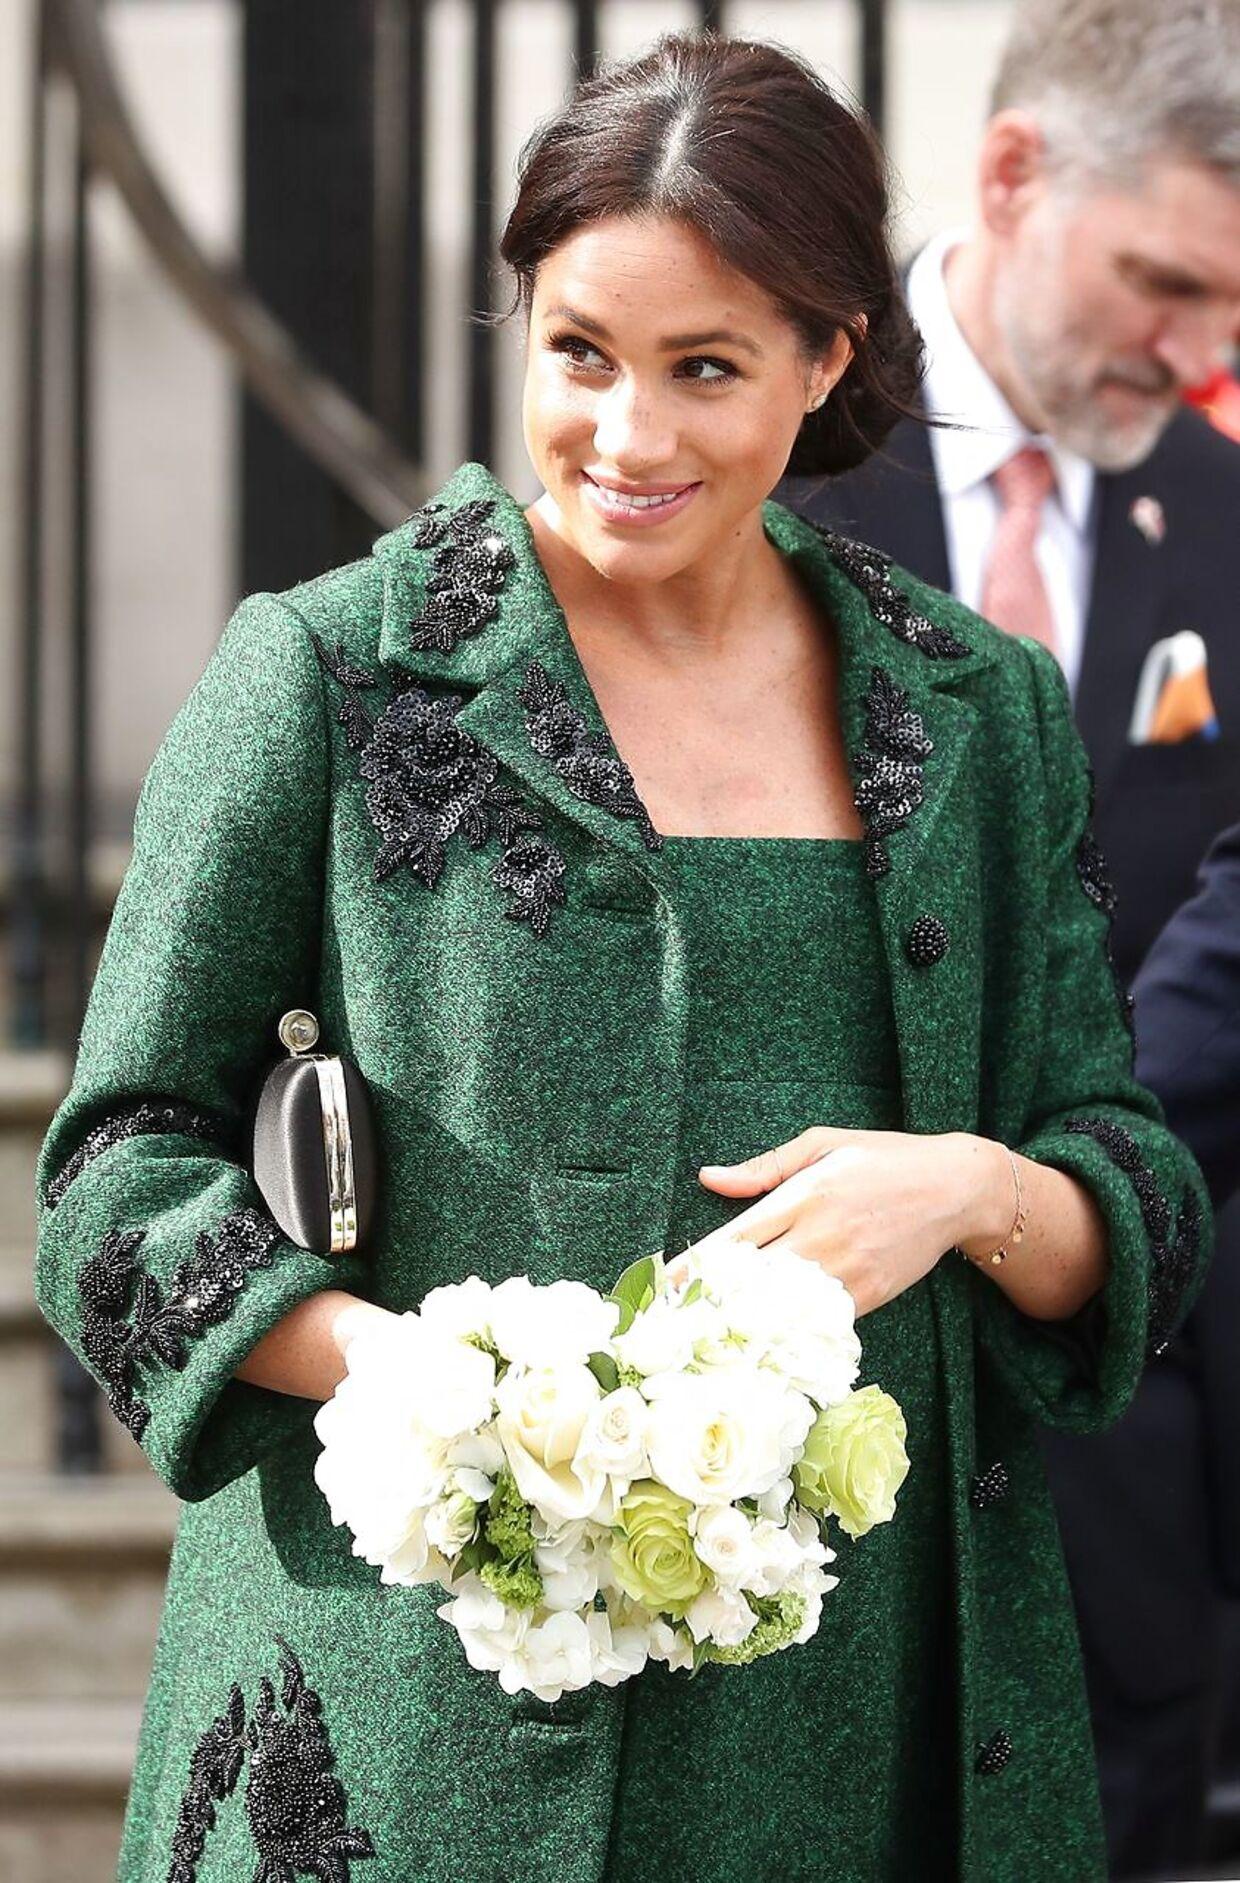 Den mørkegrønne kjole, som hertuginde Meghan bar ved Commonwealth Day, var i uld og påført broderier. (Photo by Daniel LEAL-OLIVAS / AFP)